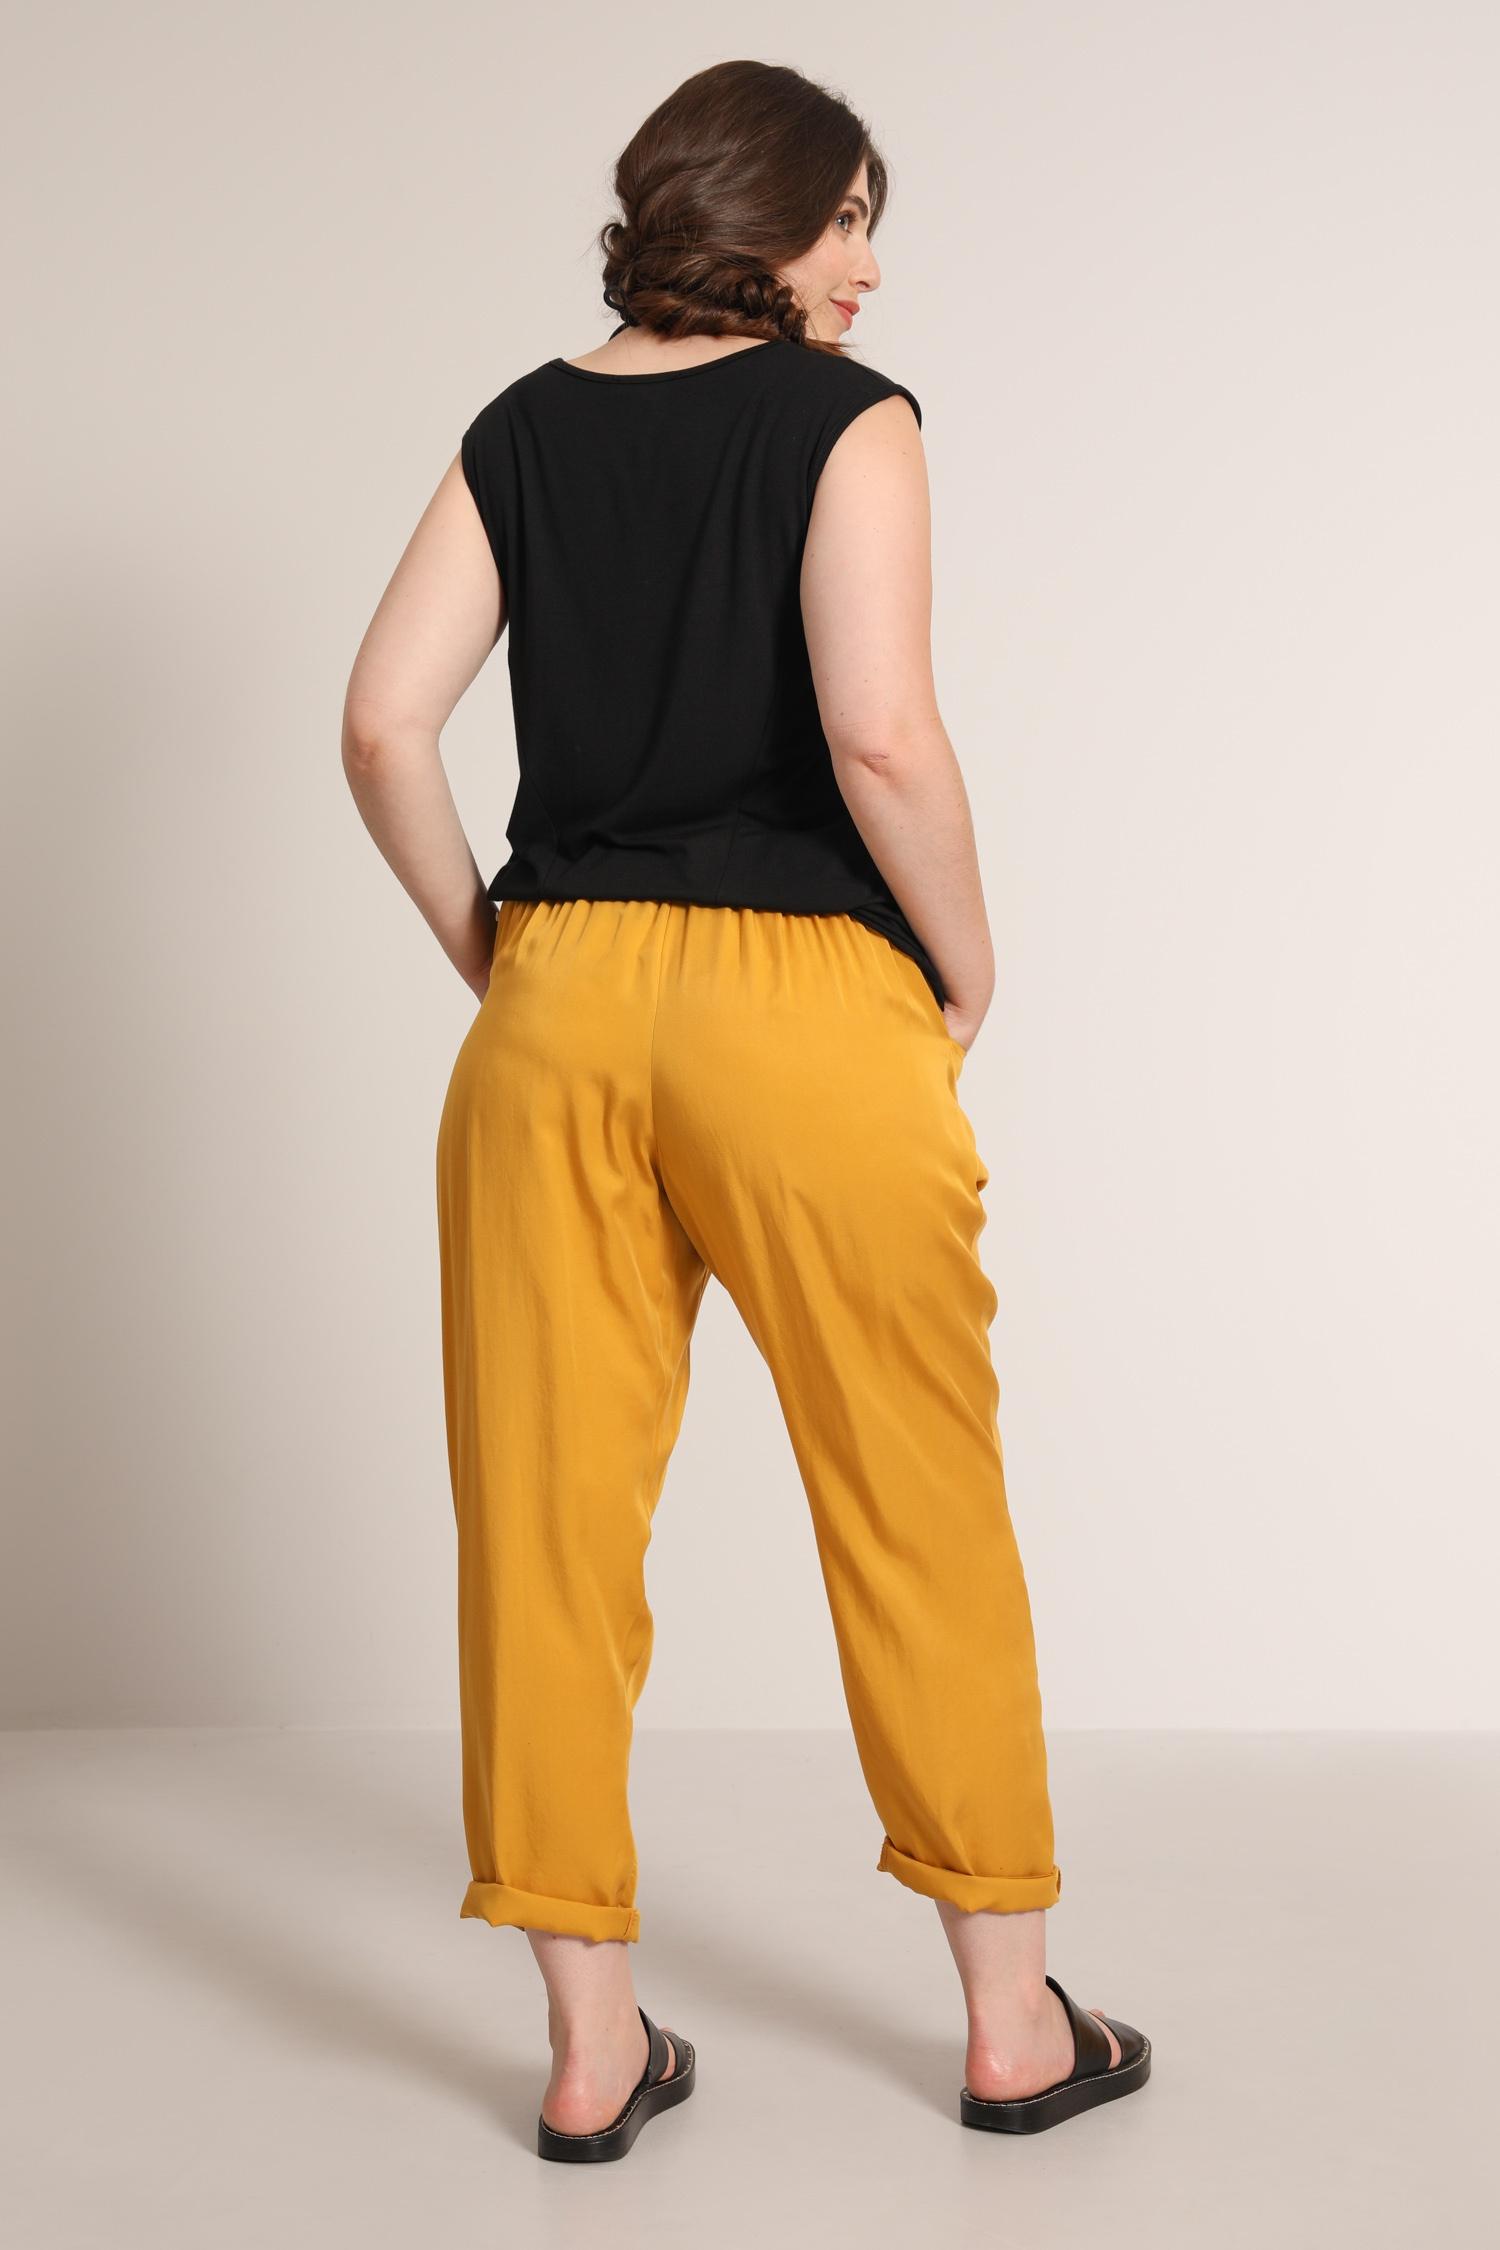 Tencel pants